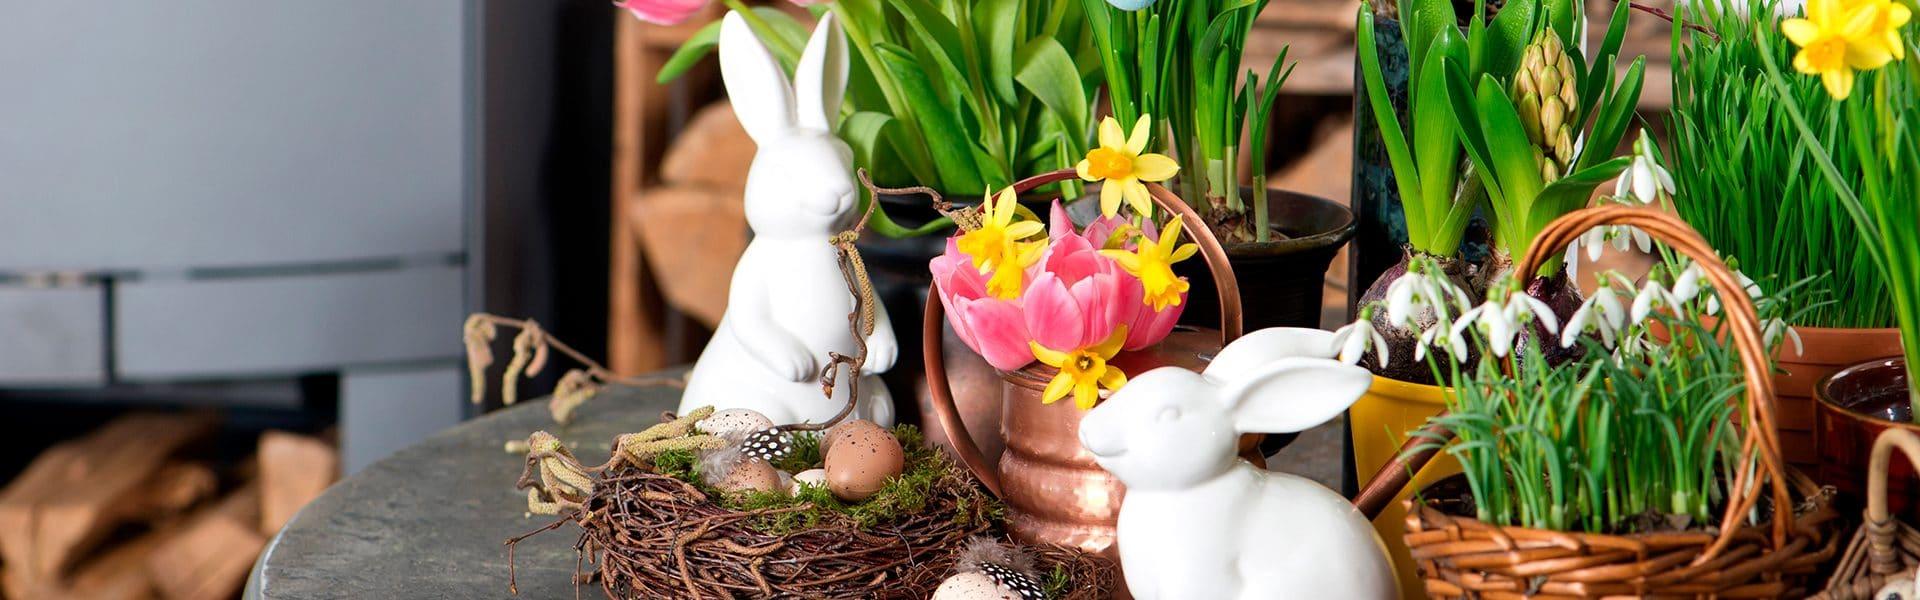 decoração-pascoa-dicas-de-como-deixar-sua-casa-festiva-para-receber-os-convidados-capa